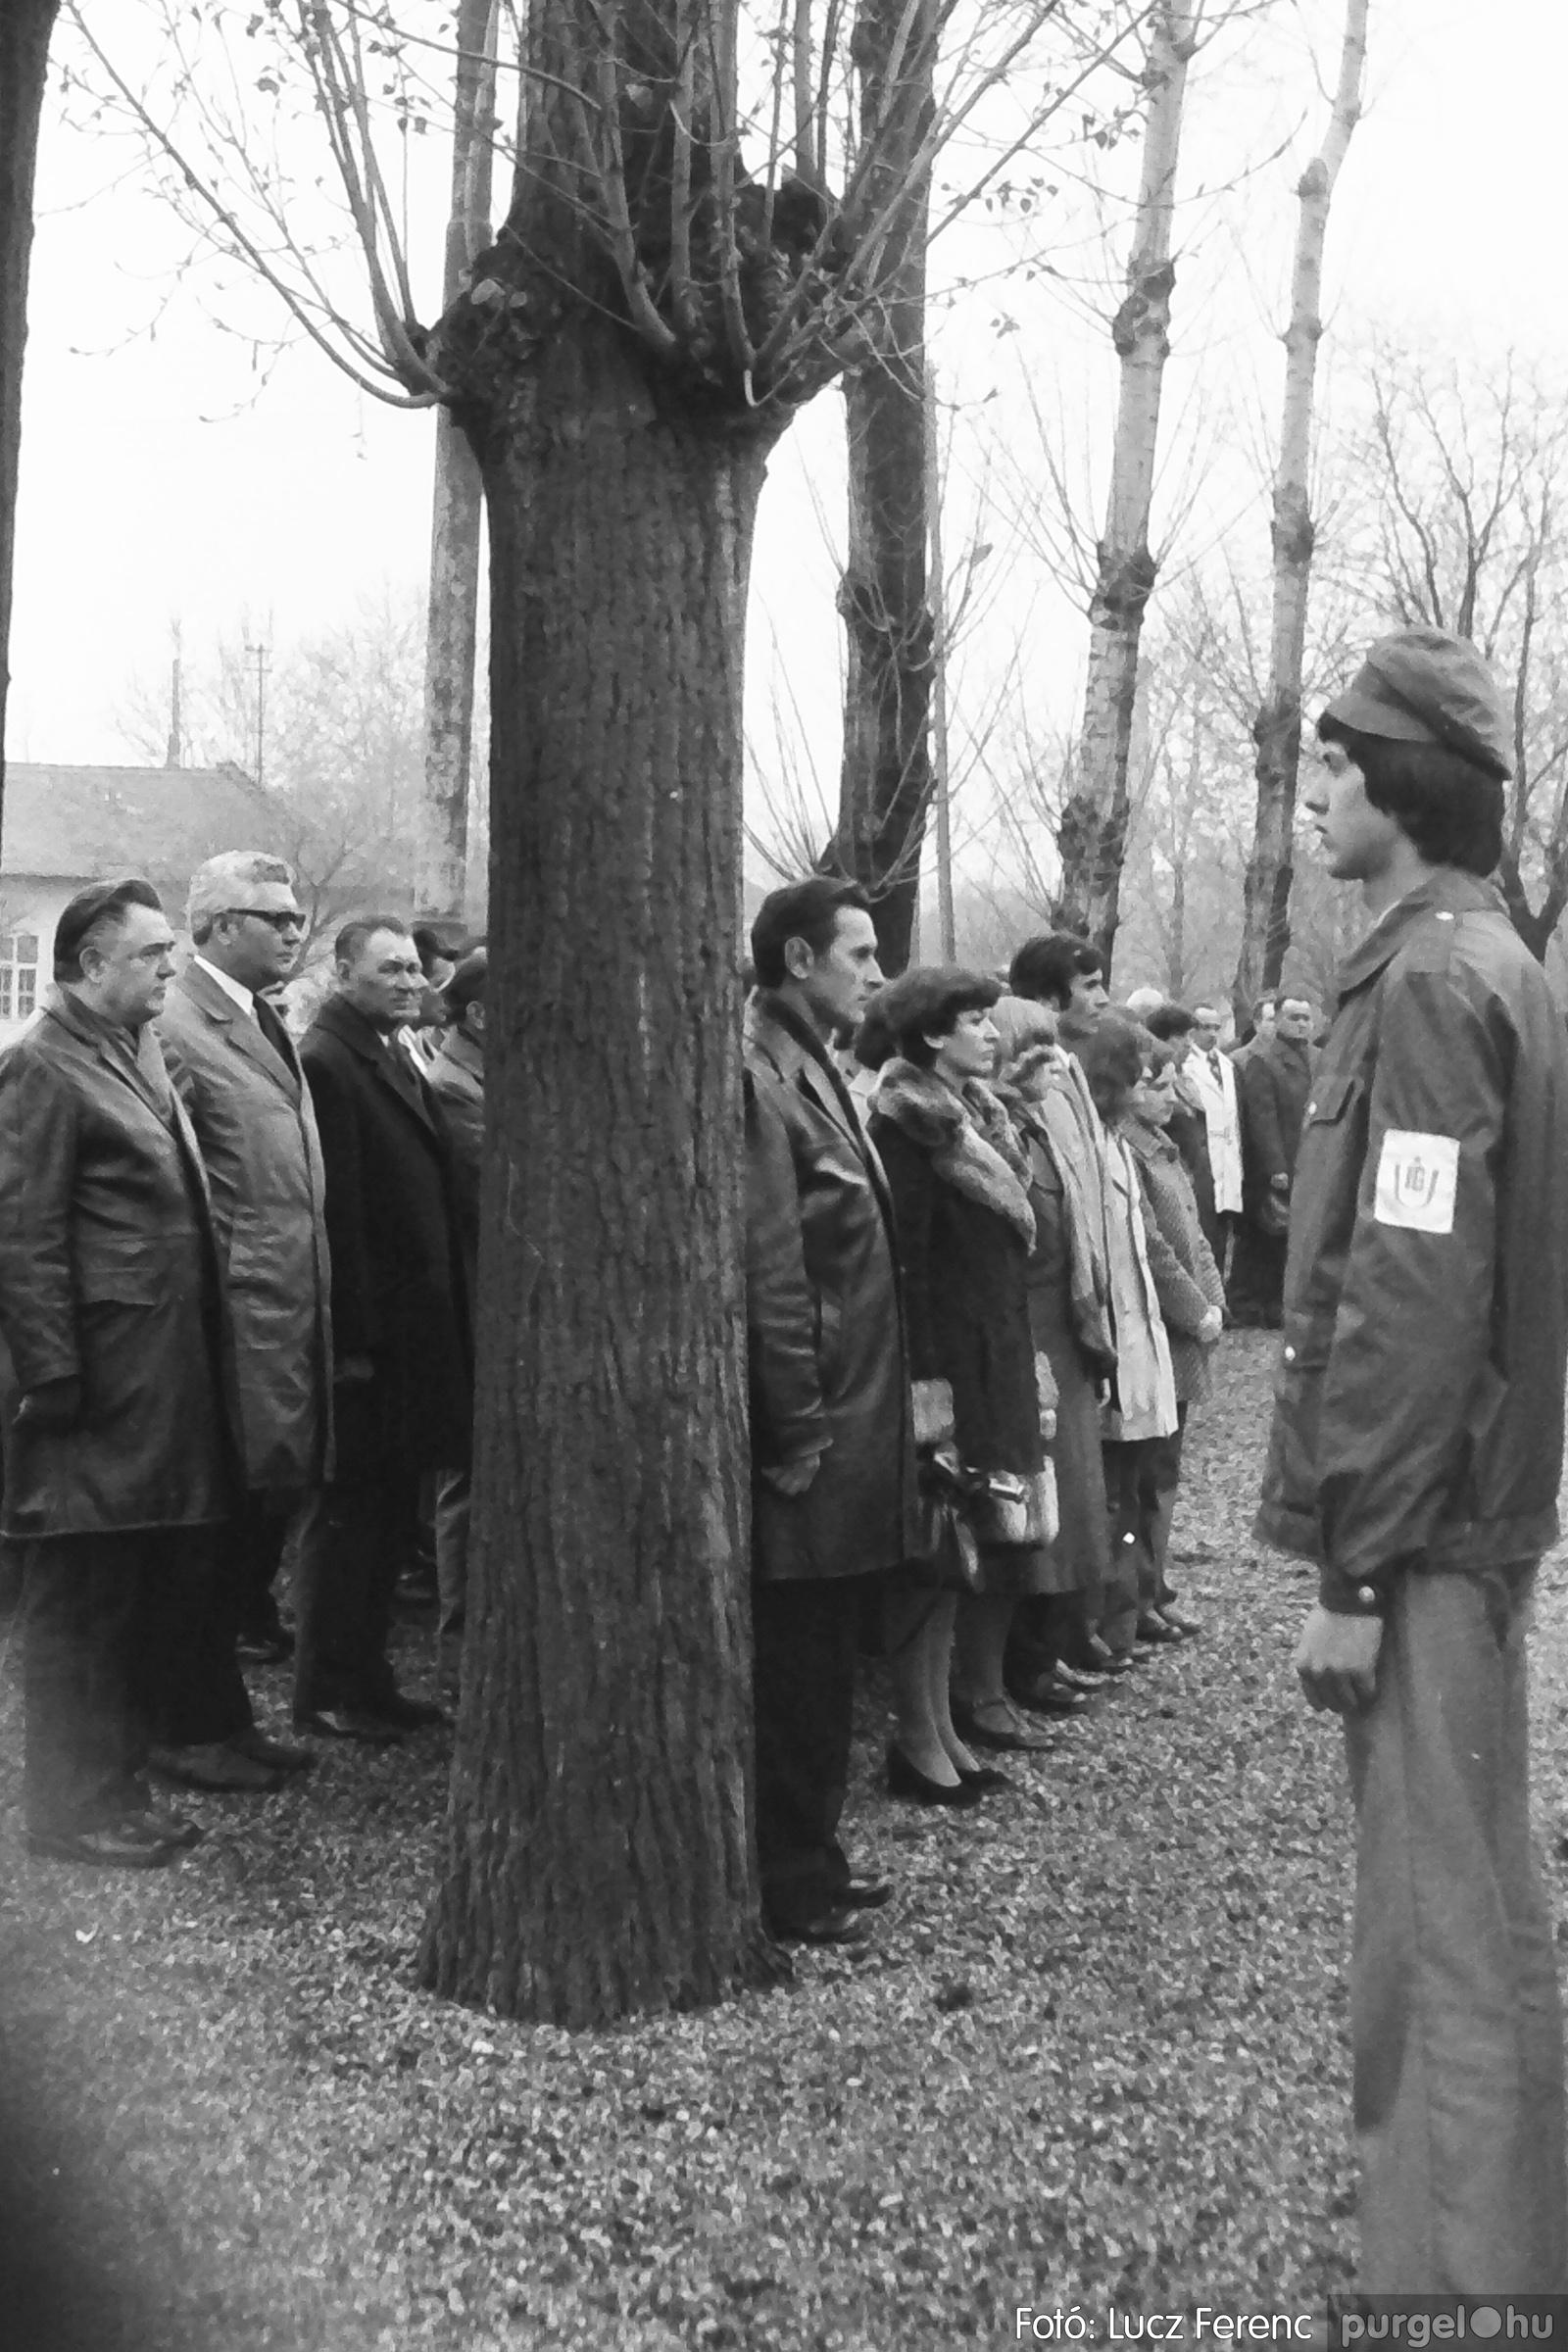 078. 1977.04.04. Április 4-i ünnepség 018. - Fotó: Lucz Ferenc.jpg